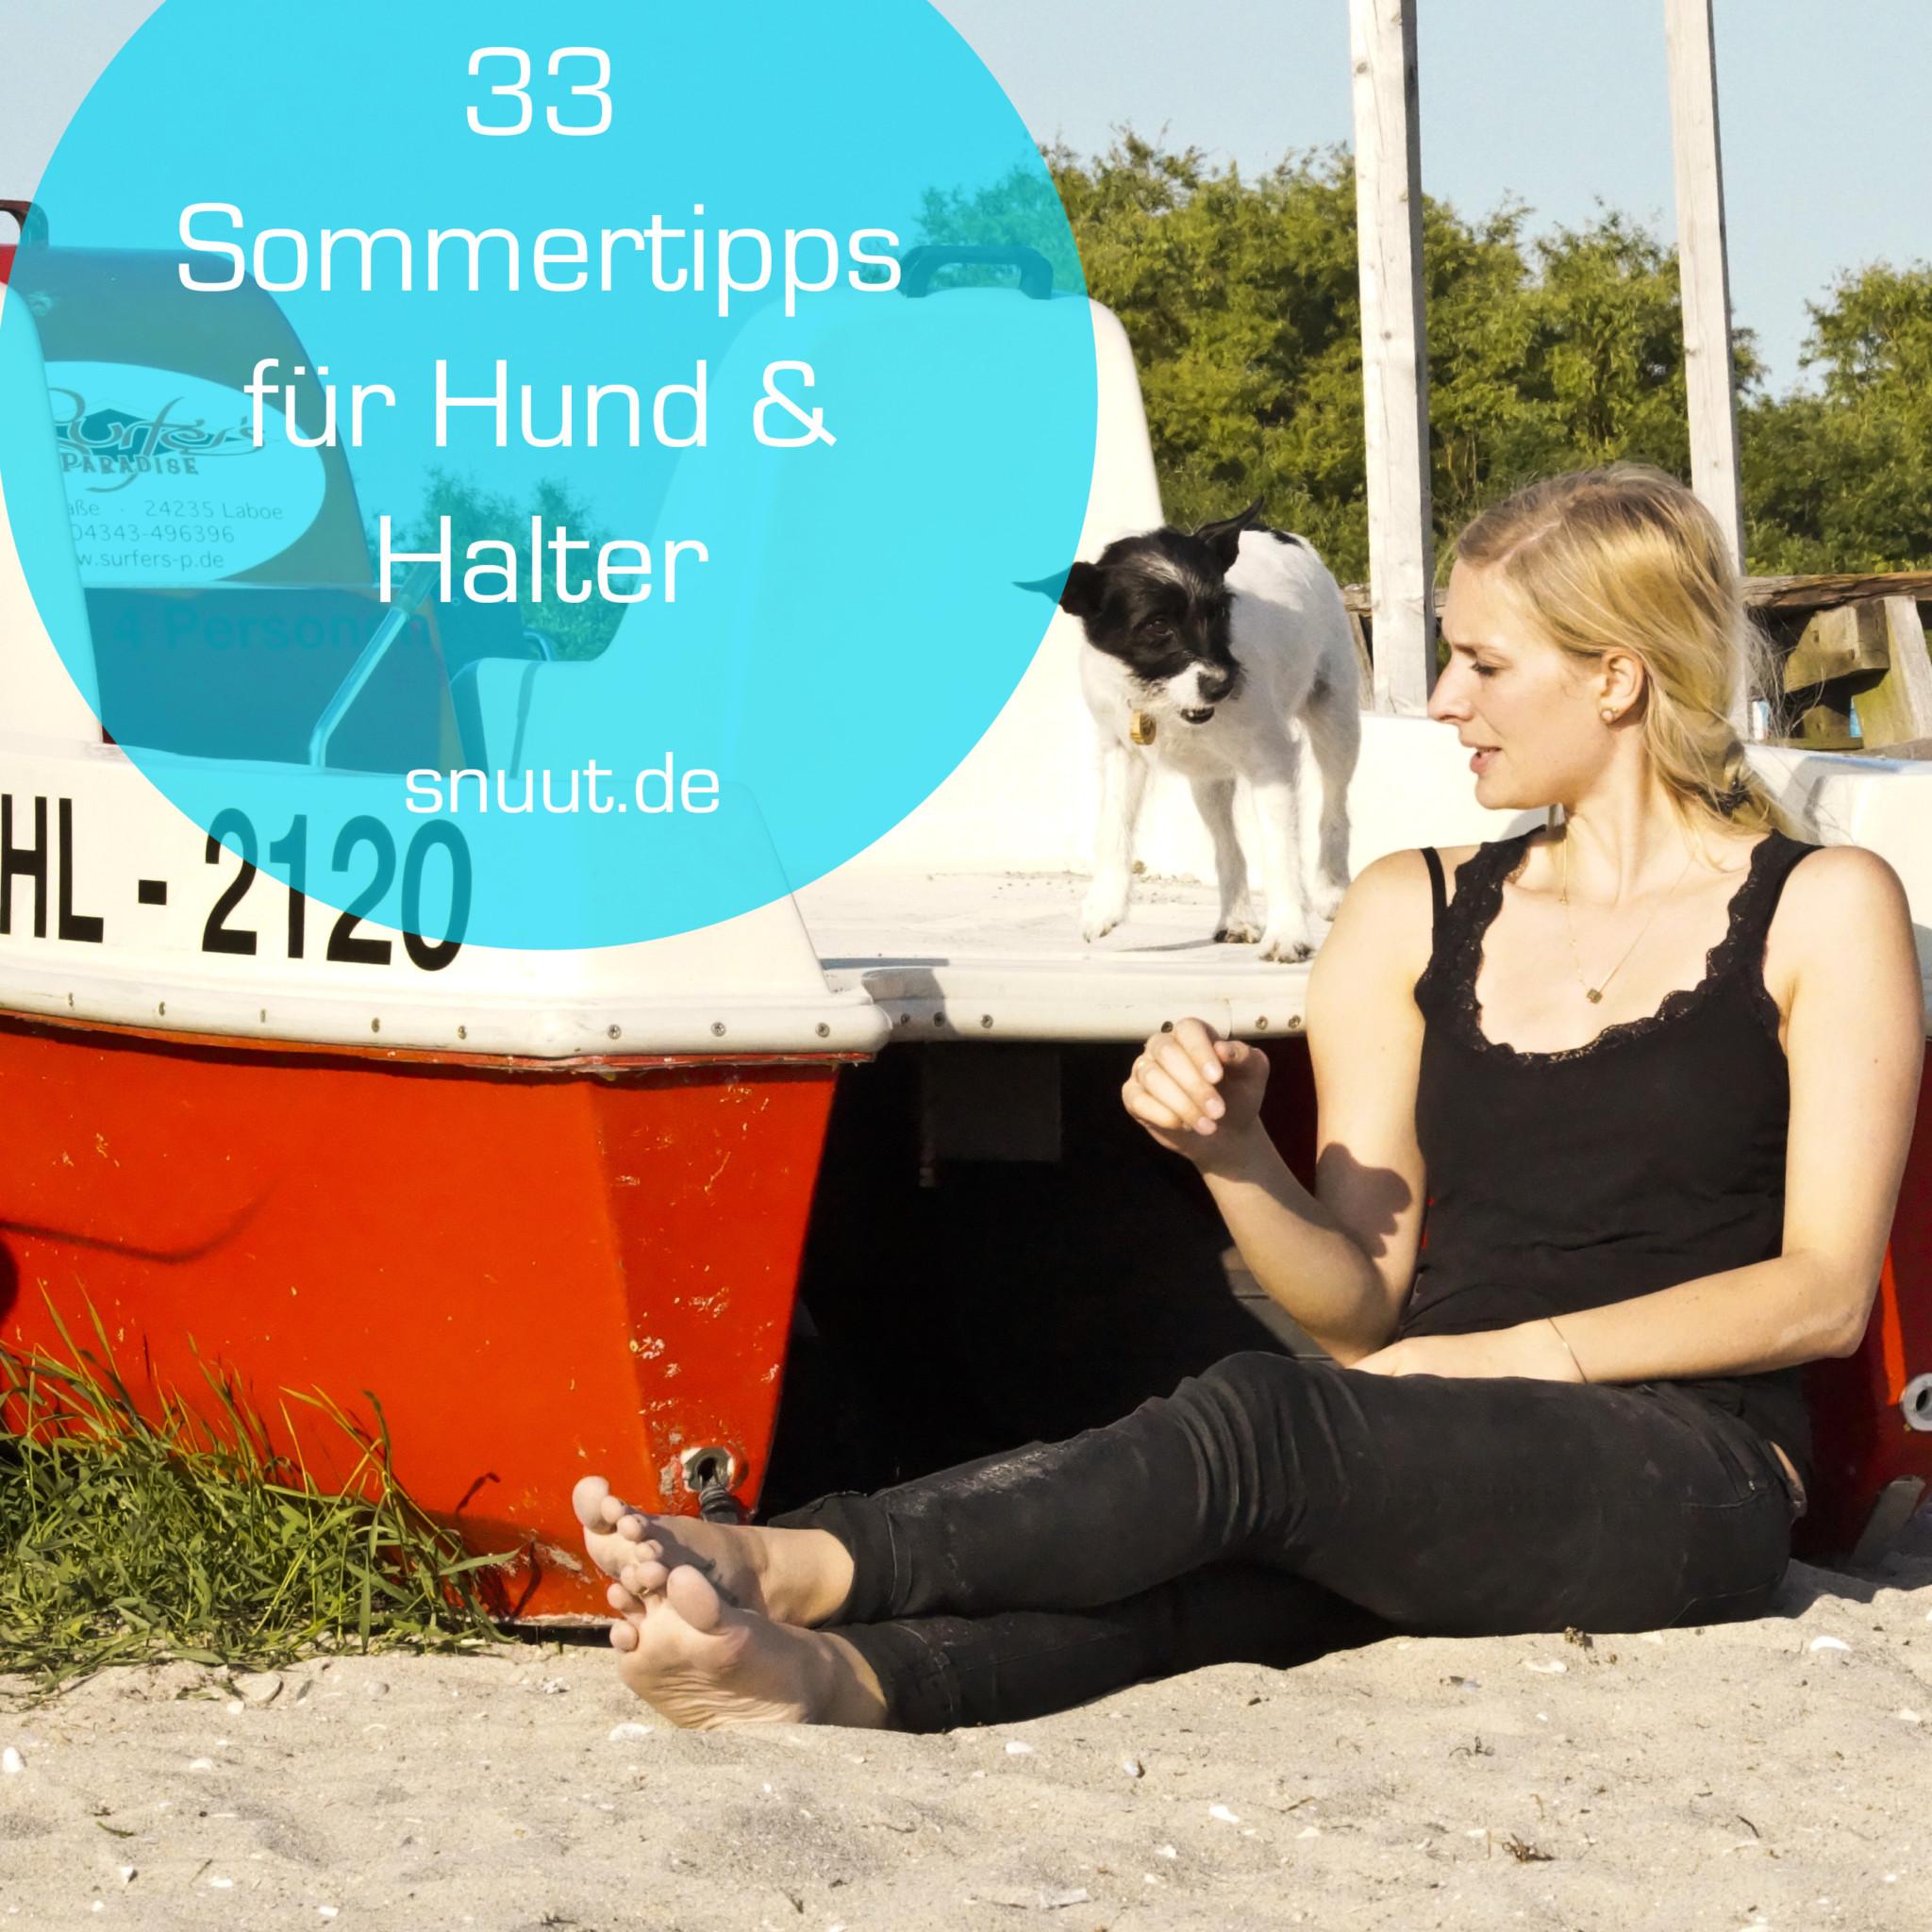 33 sommertipps für Hund und Halter